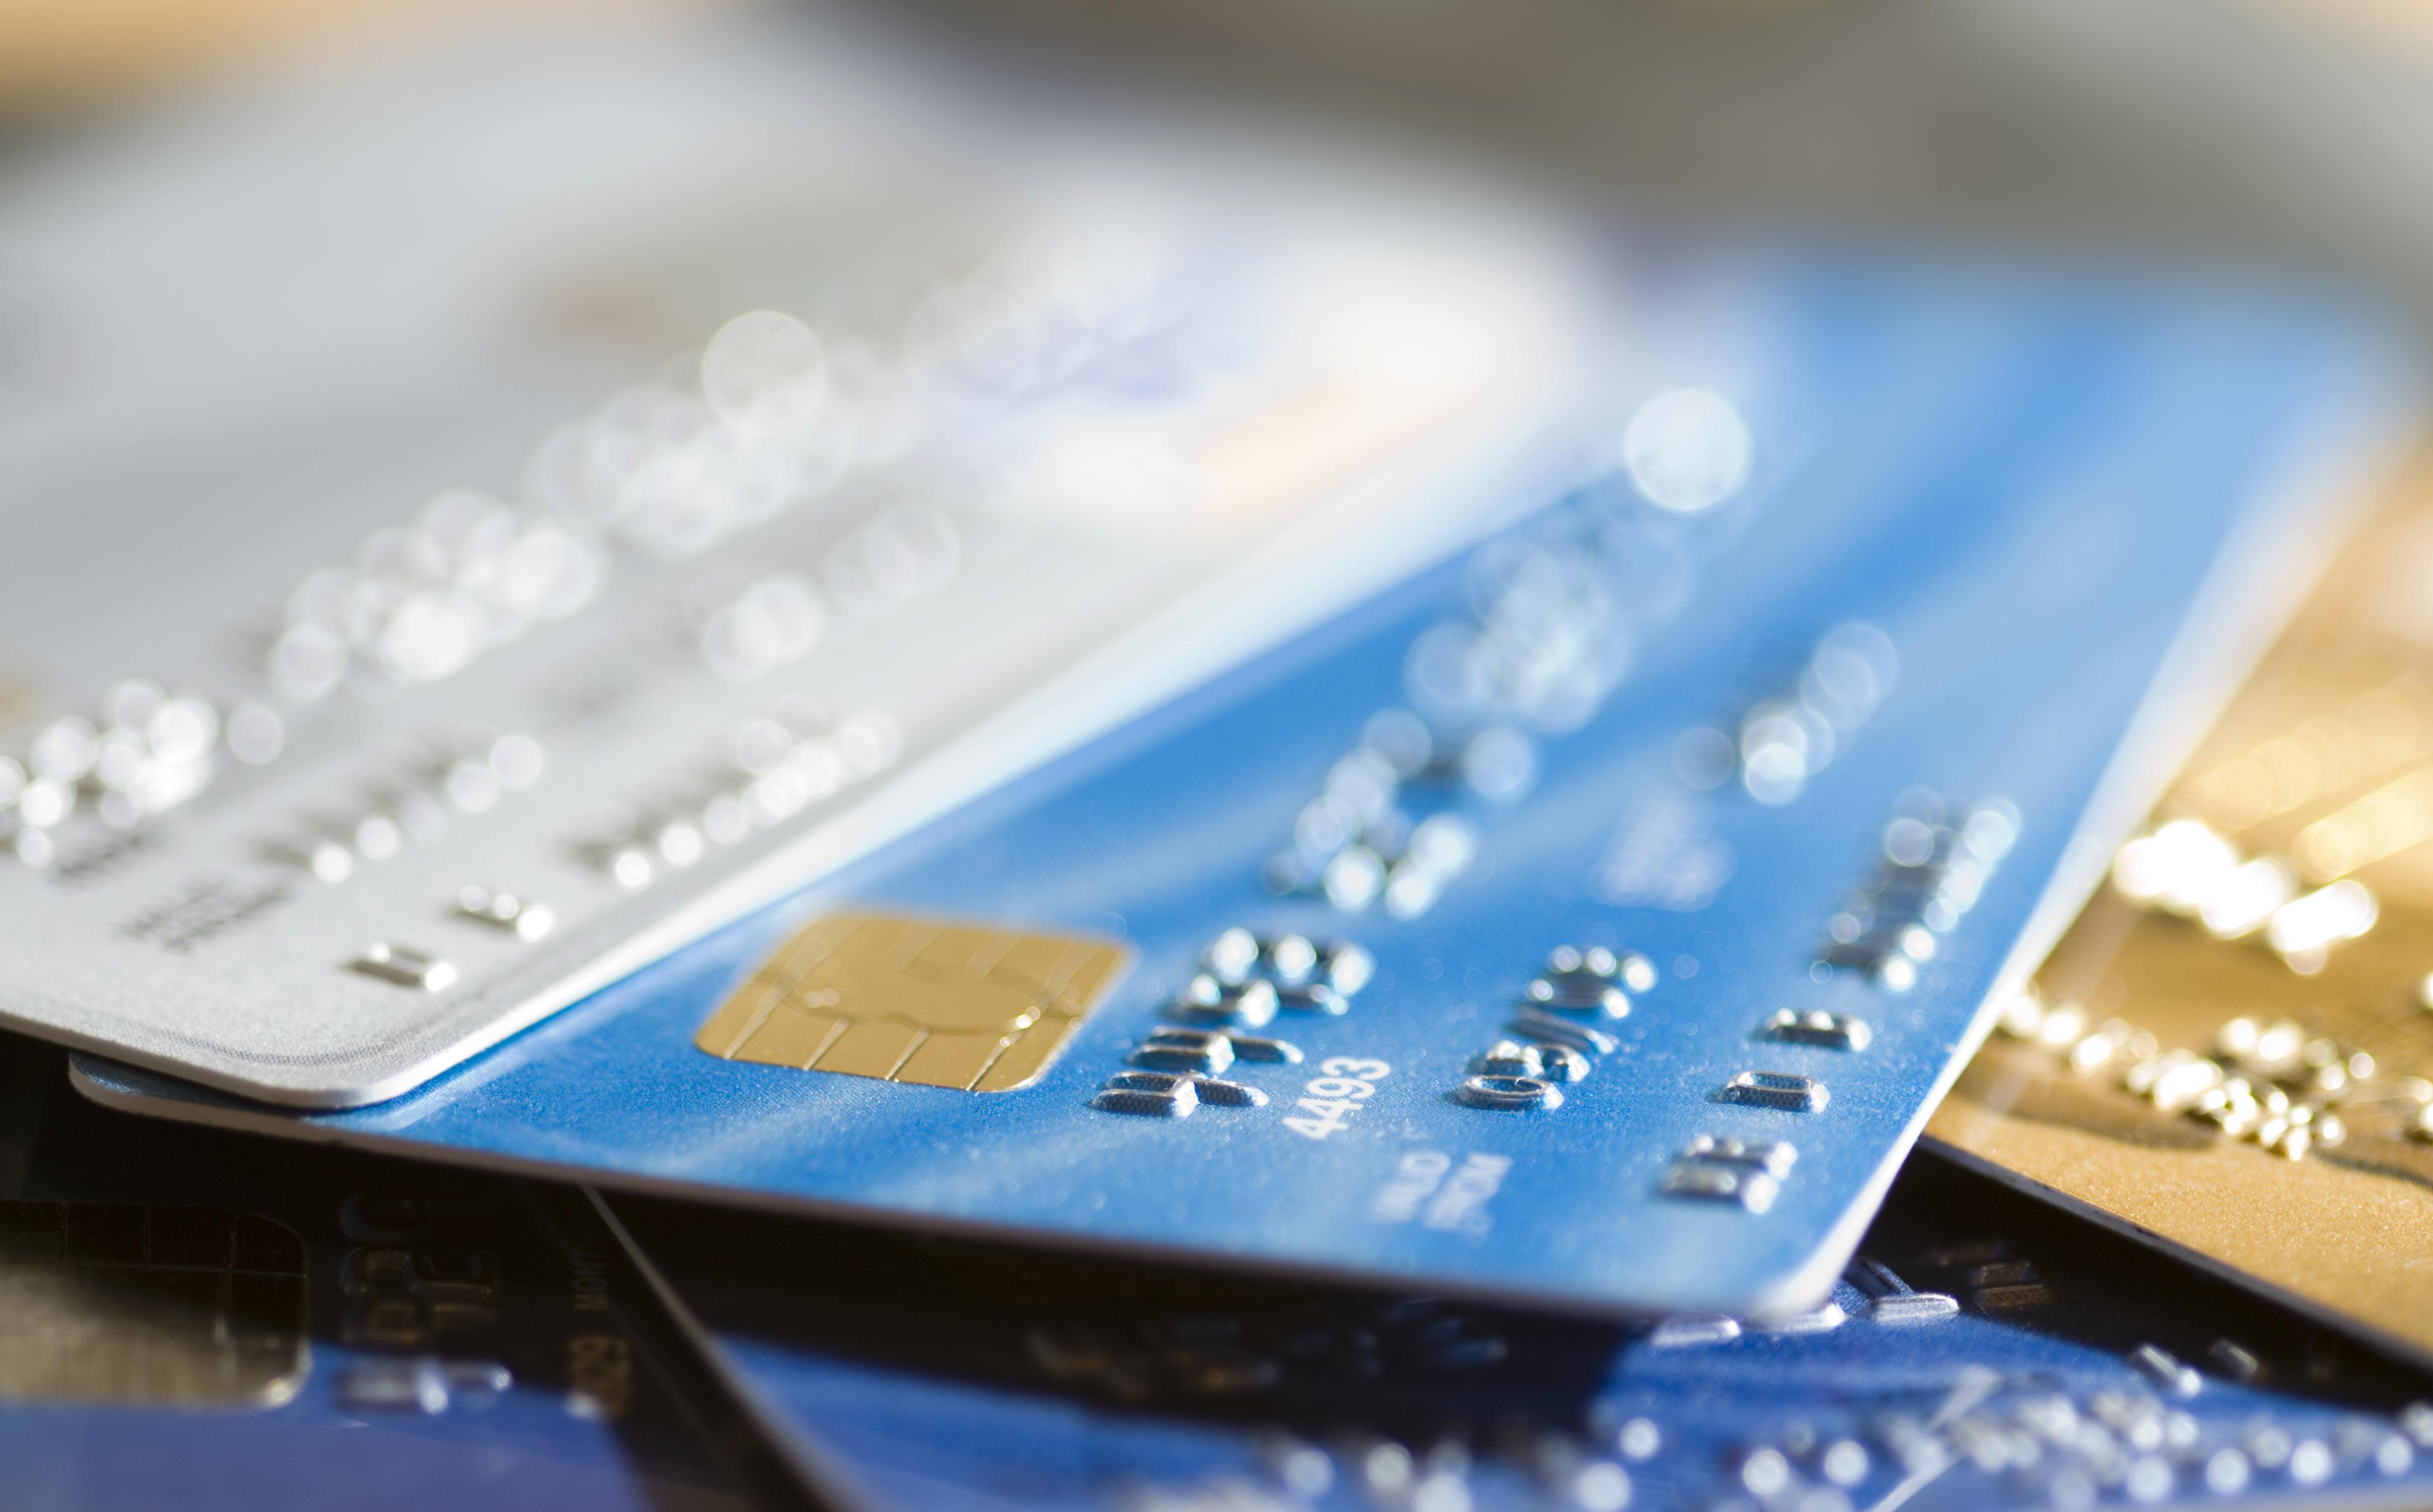 Що можна зробити з вашою банківською карткою, знаючи лише її номер